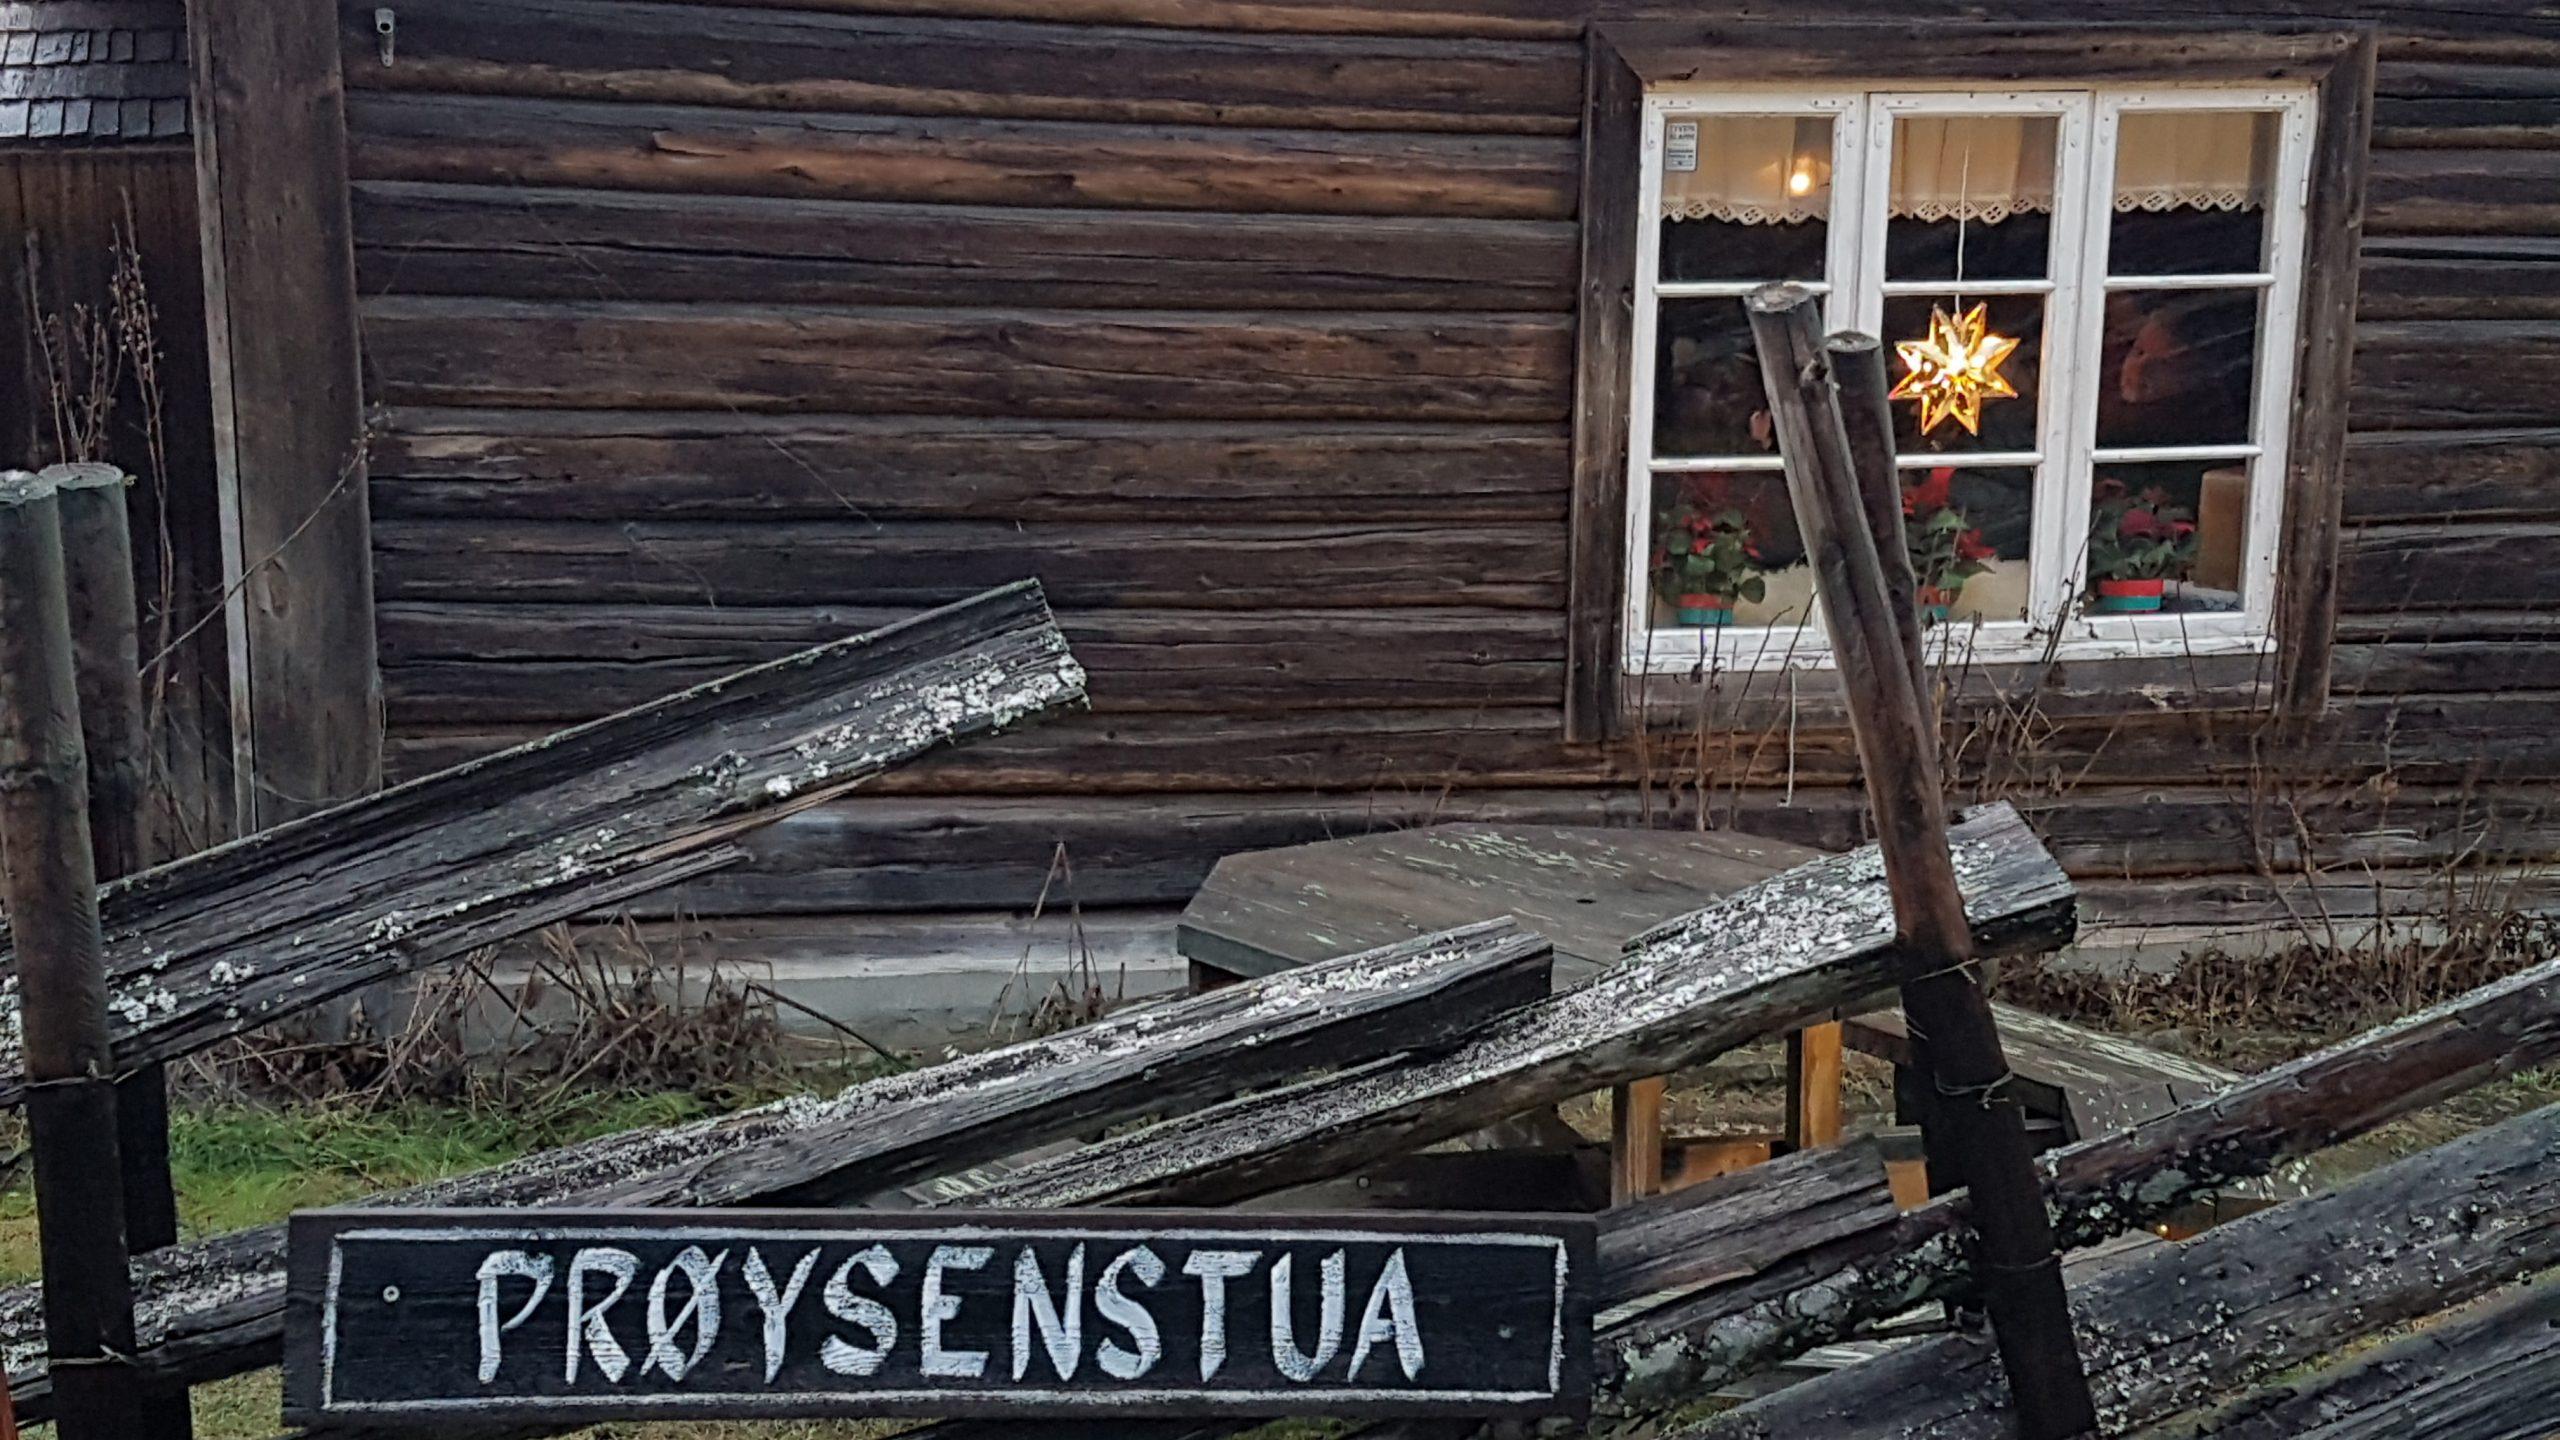 Bilde: Prøysenstua er i dag en del av formidlingssenteret Prøysenhuset i Ringsaker kommune. Foto: Siri Wolland, Riksantikvaren